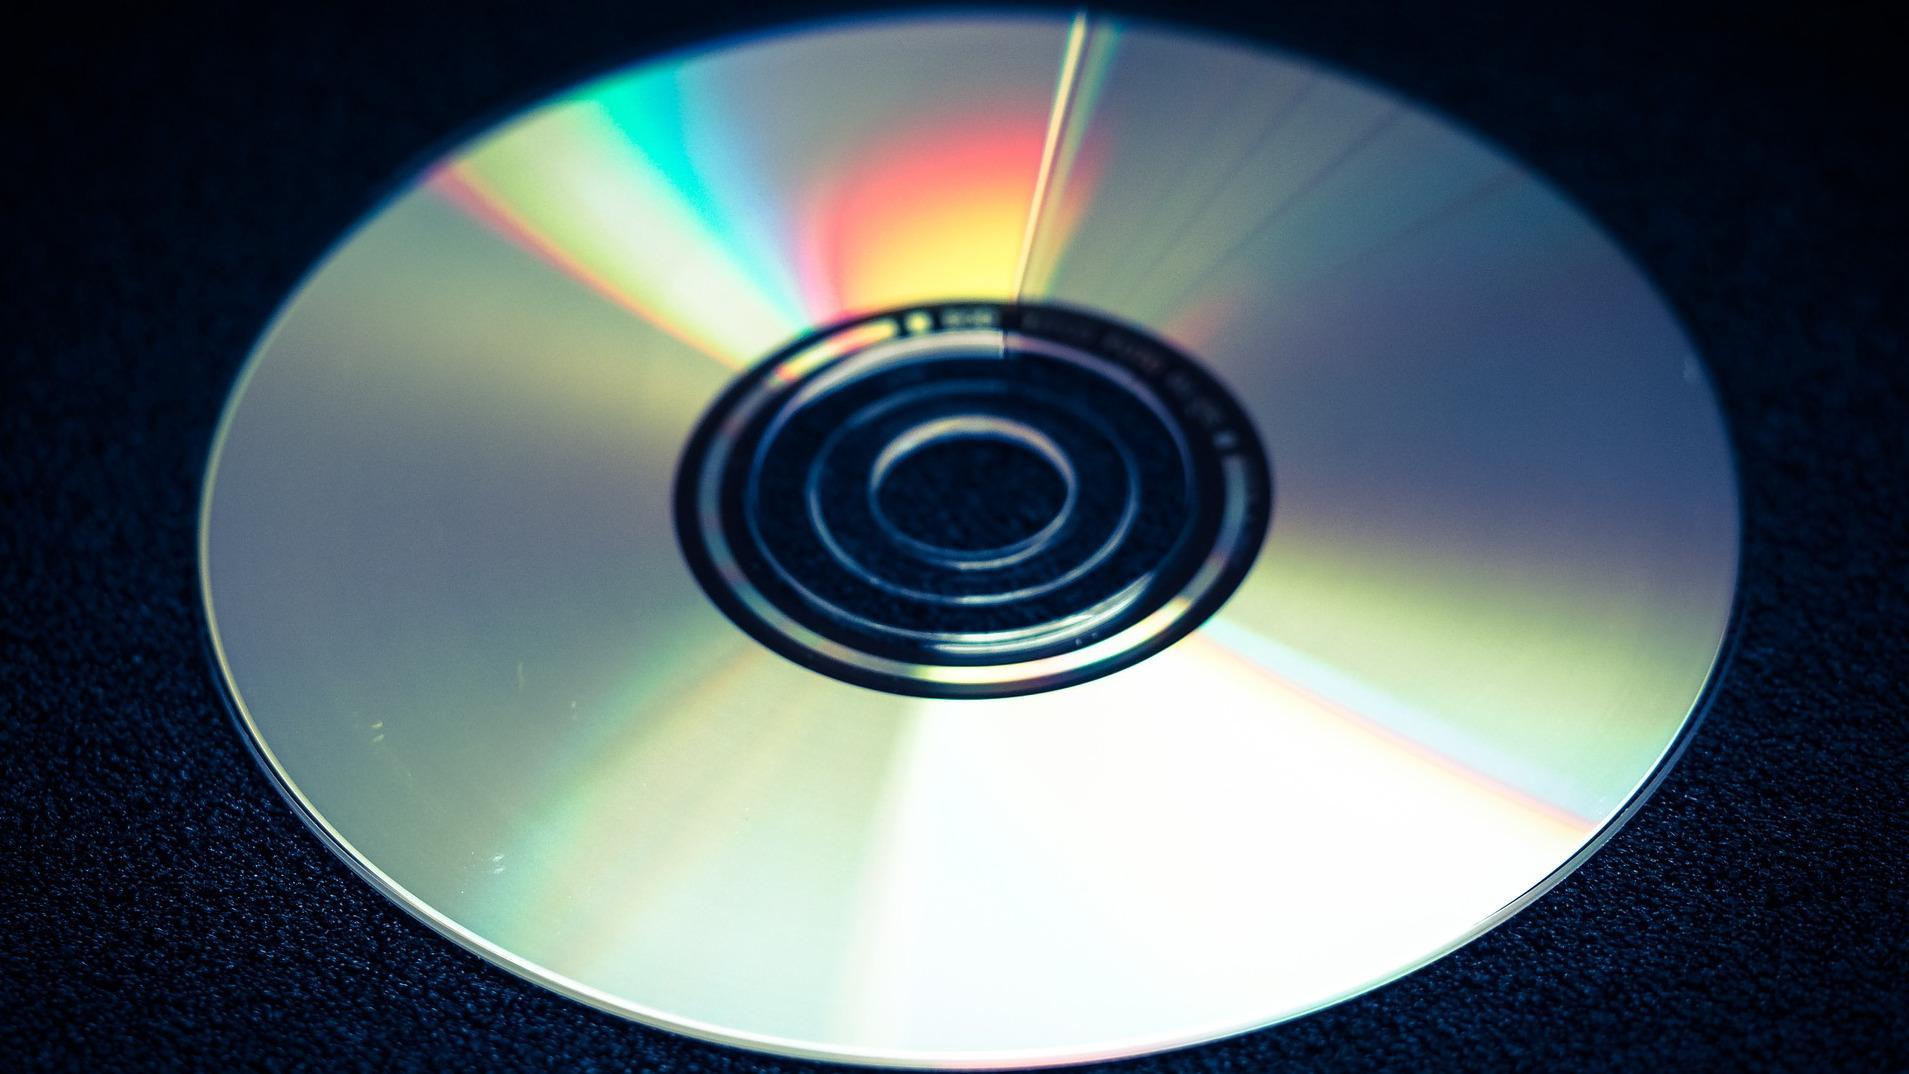 Wenn Sie Kratzer bei einer DVD entfernen wollen, empfiehlt es sich, Zahnpasta zu verwenden.